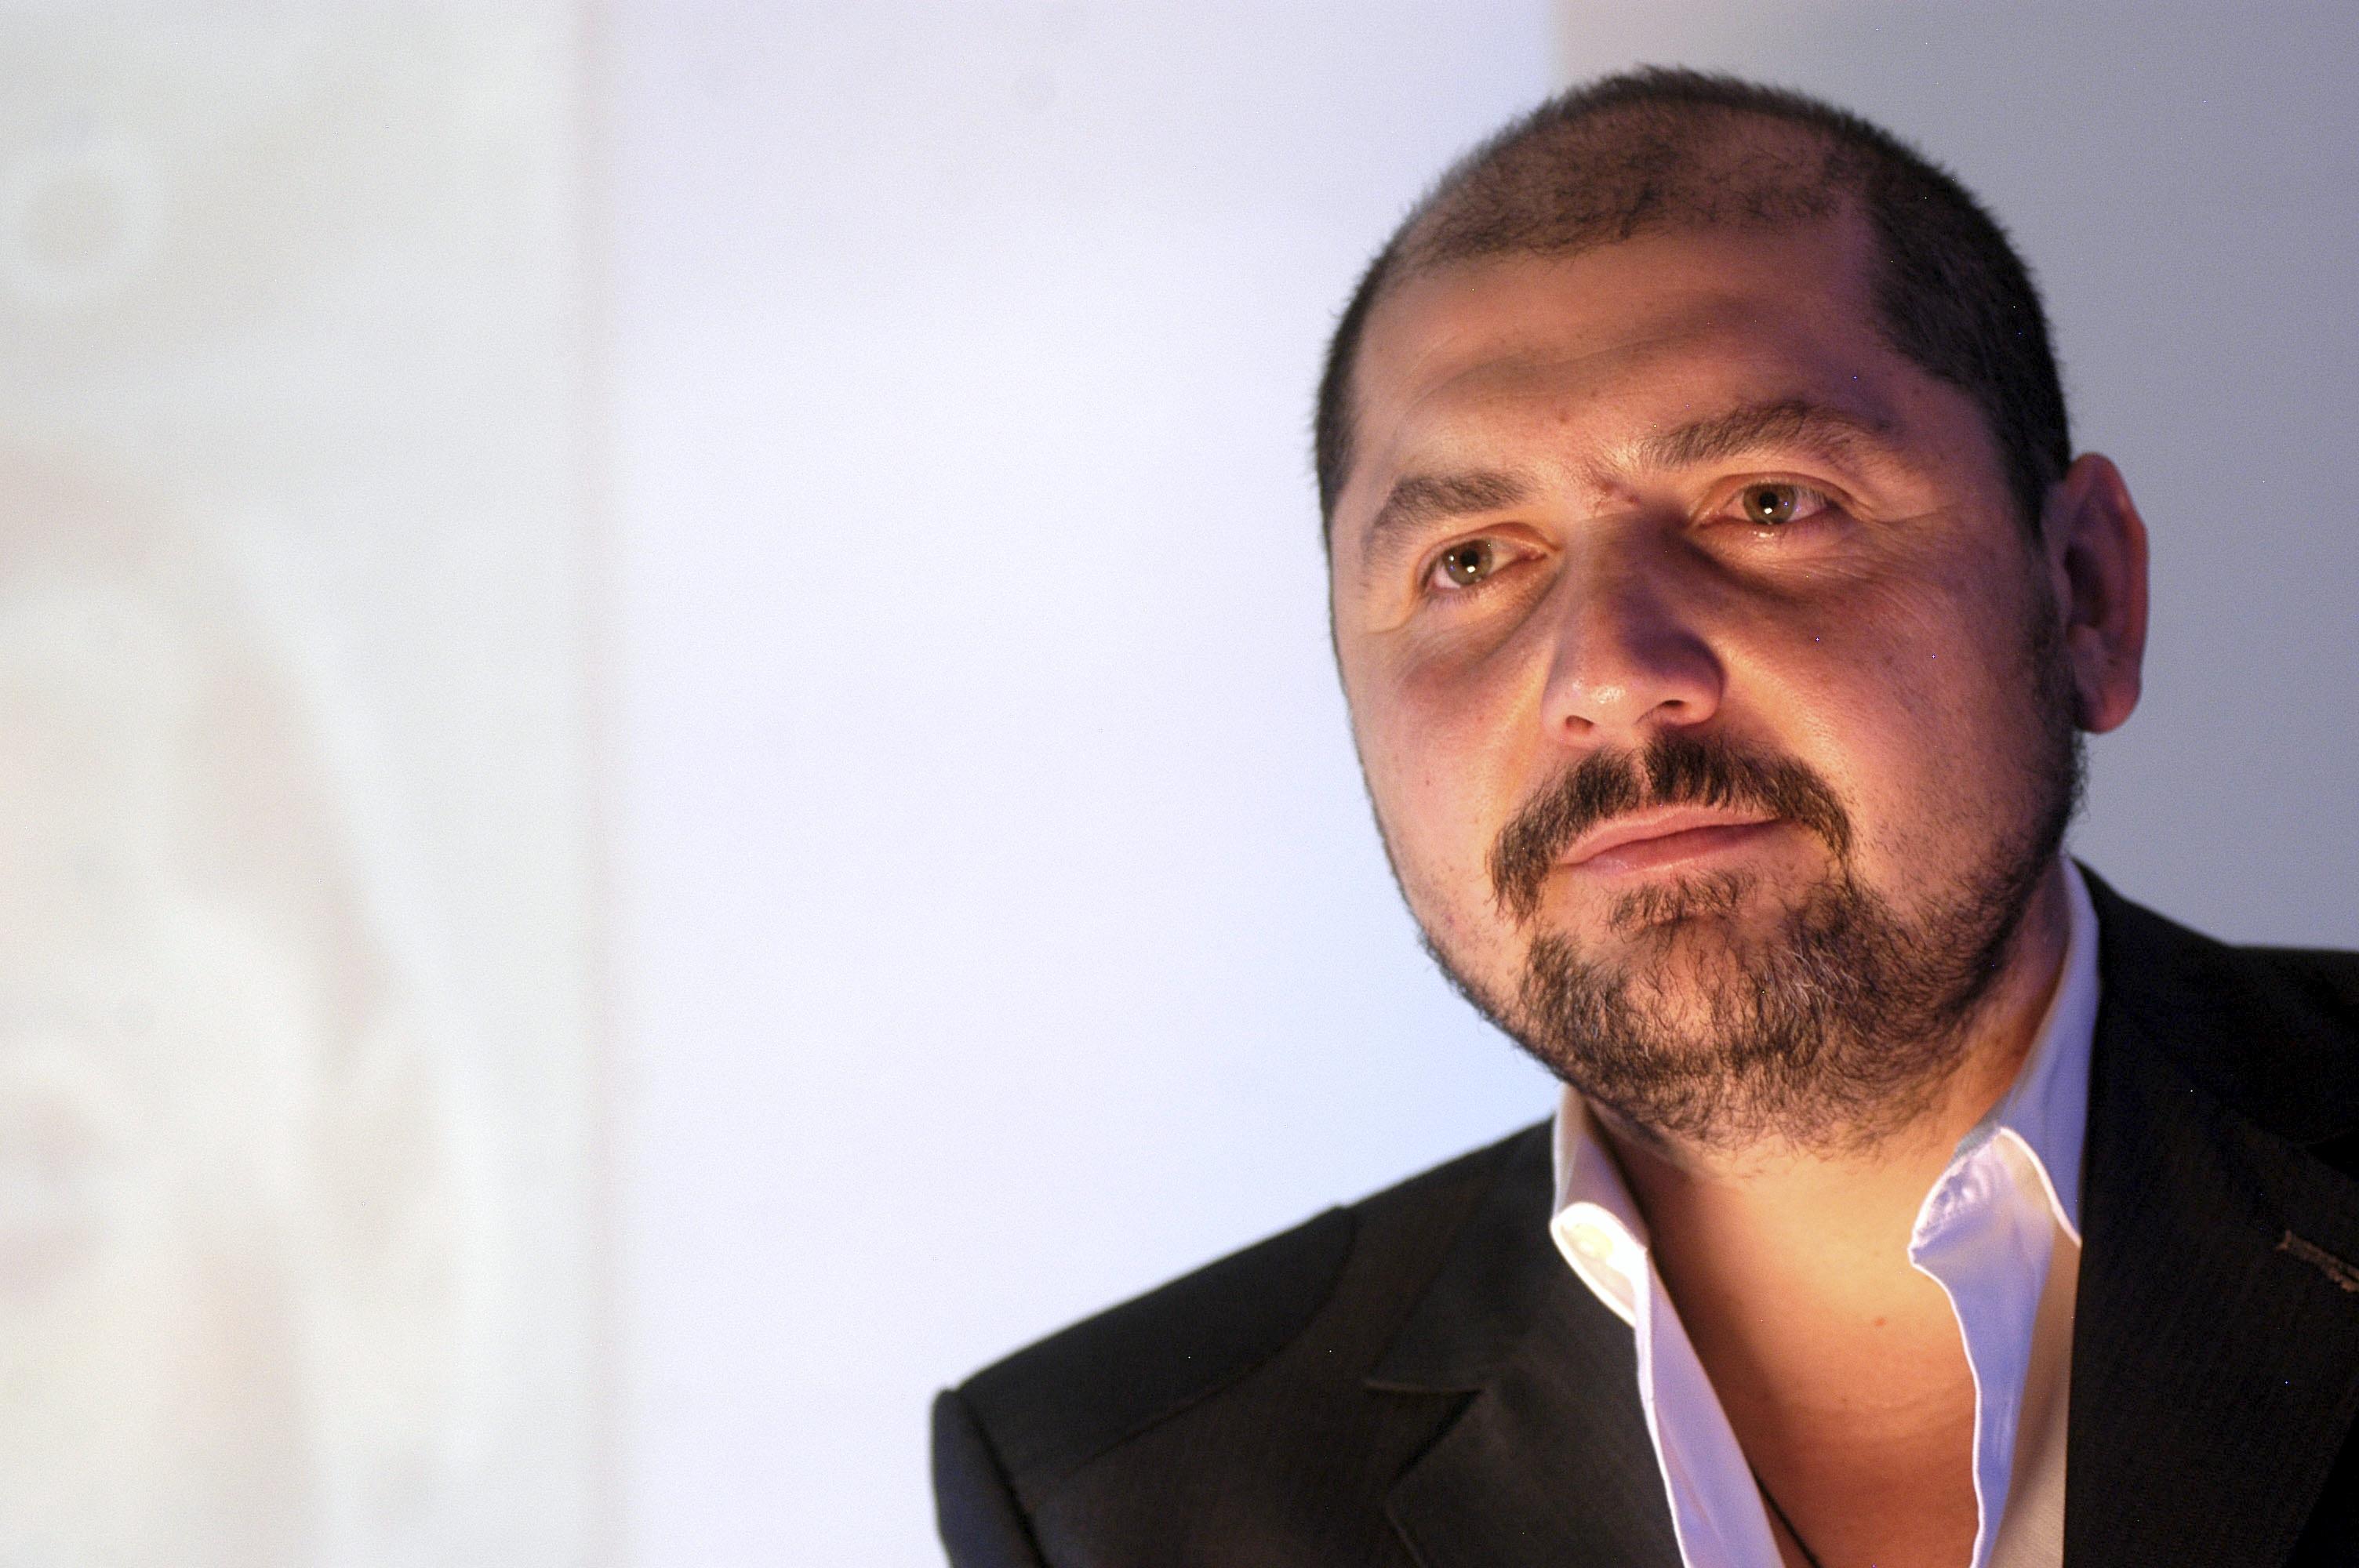 Miguel Layun Con Barba